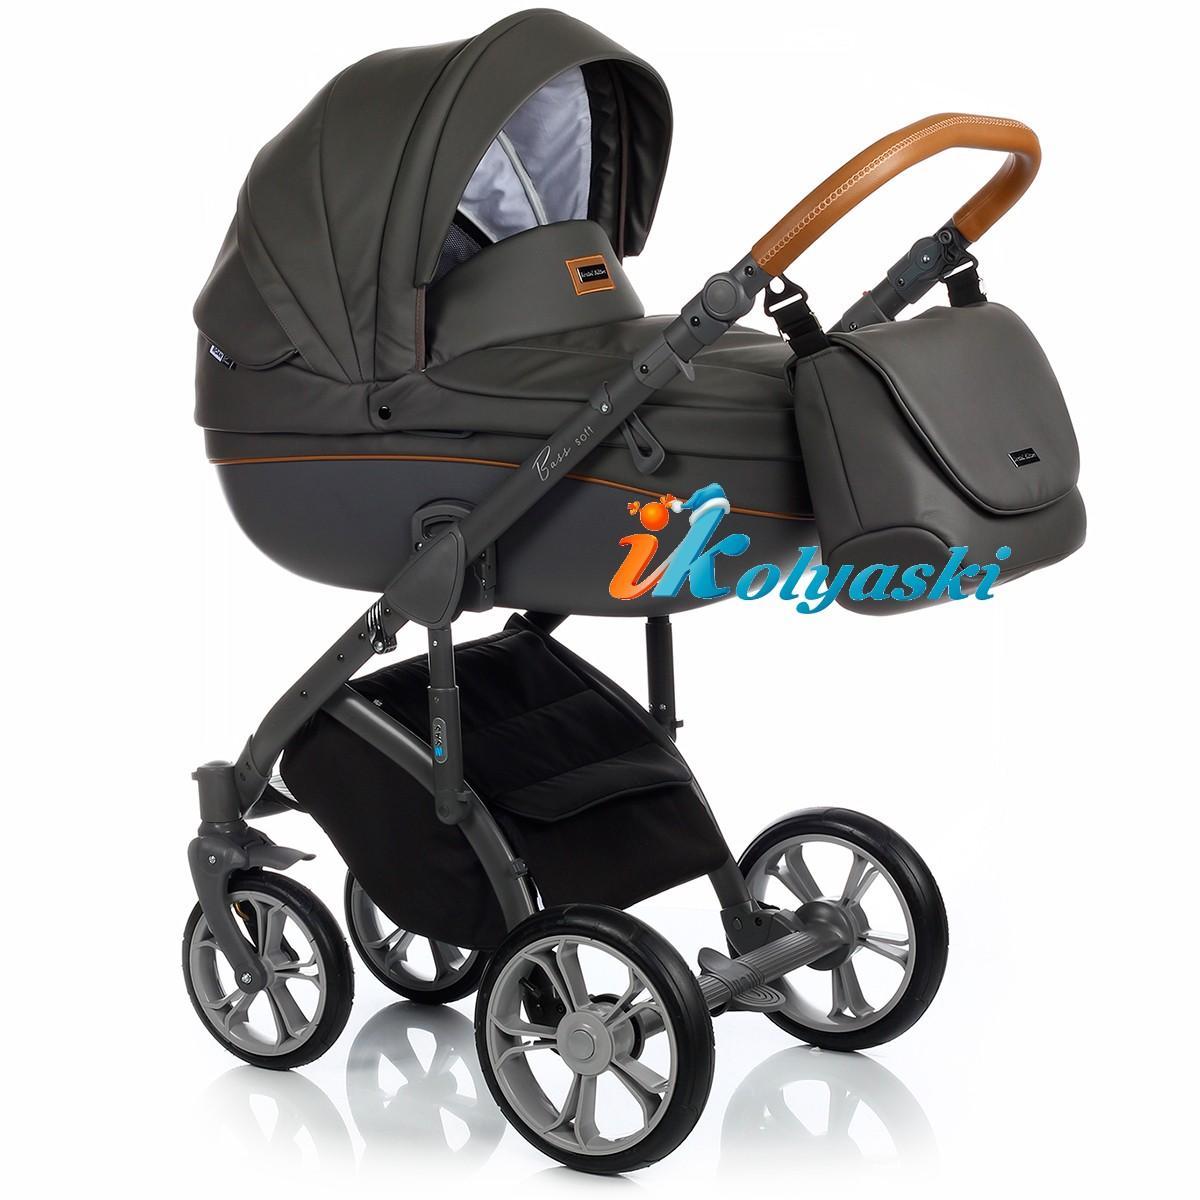 Детская коляска для новорожденных Roan Bass Soft LE, 3 в 1, Роан Басс Софт с автокреслом группы 0+ Roan Poppy, ECO LEATHER COLLECTION color SHADOW GREY